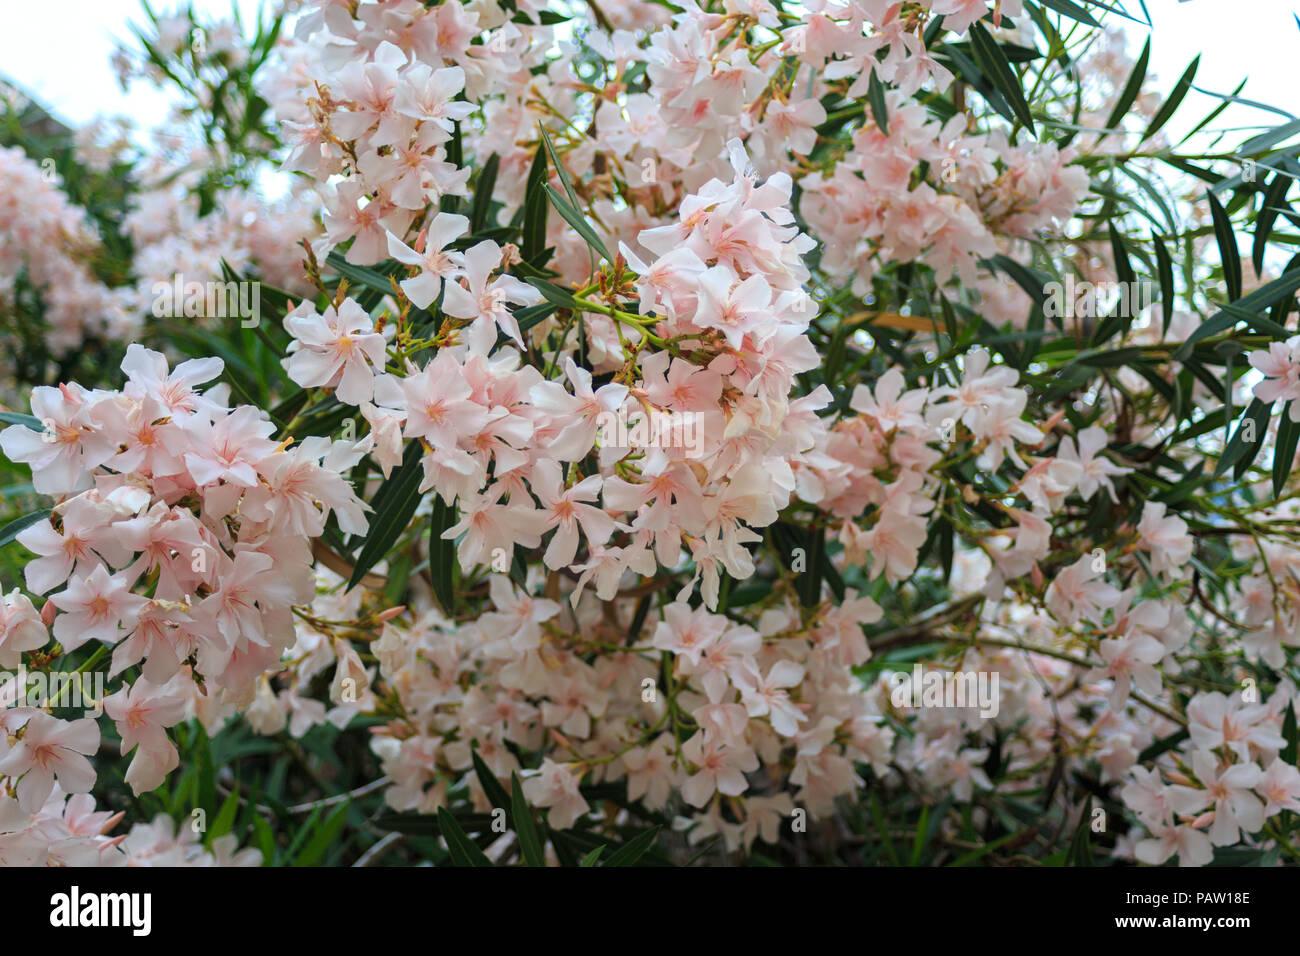 Blooming Bush Of Delicate Pink Flowers Oleander Botanic Flower